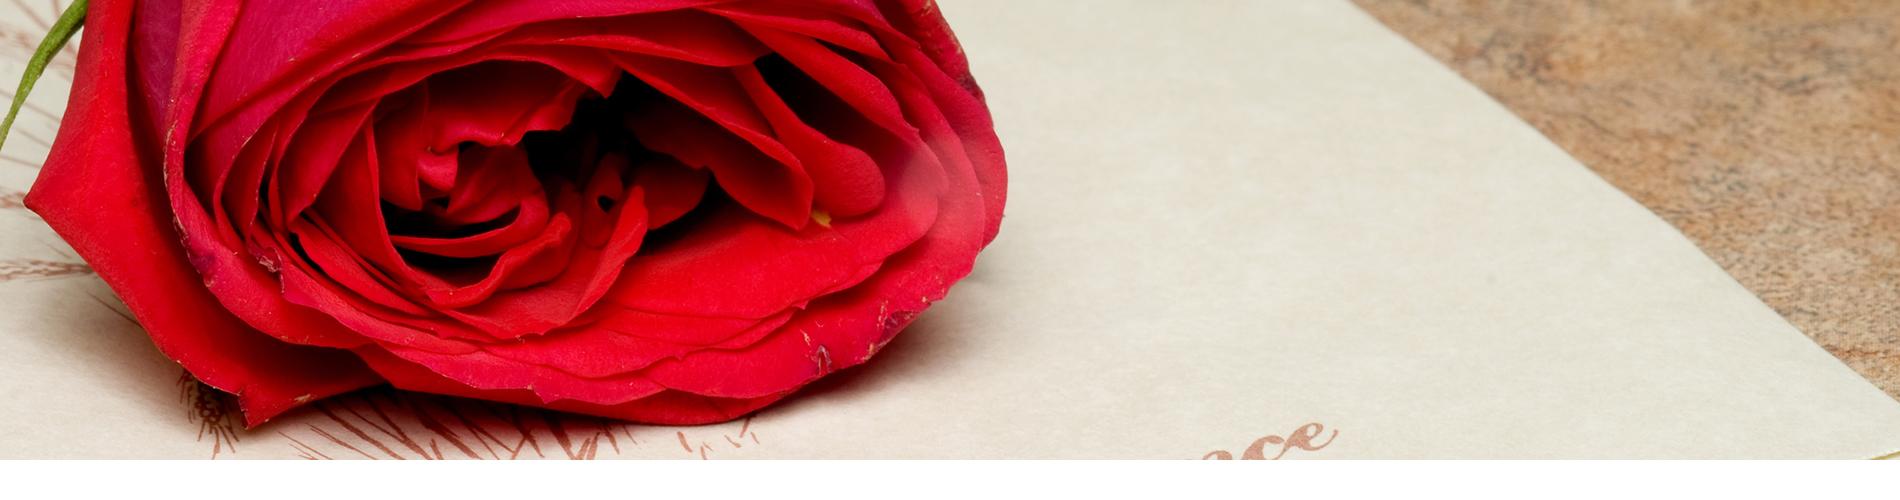 Bij Uitvaartverzorging Donker drukken wij uw rouwkaarten in onze eigen drukkerij. Snel en flexibel. Standaard of met eigen foto/ontwerp. Ook in het weekend.